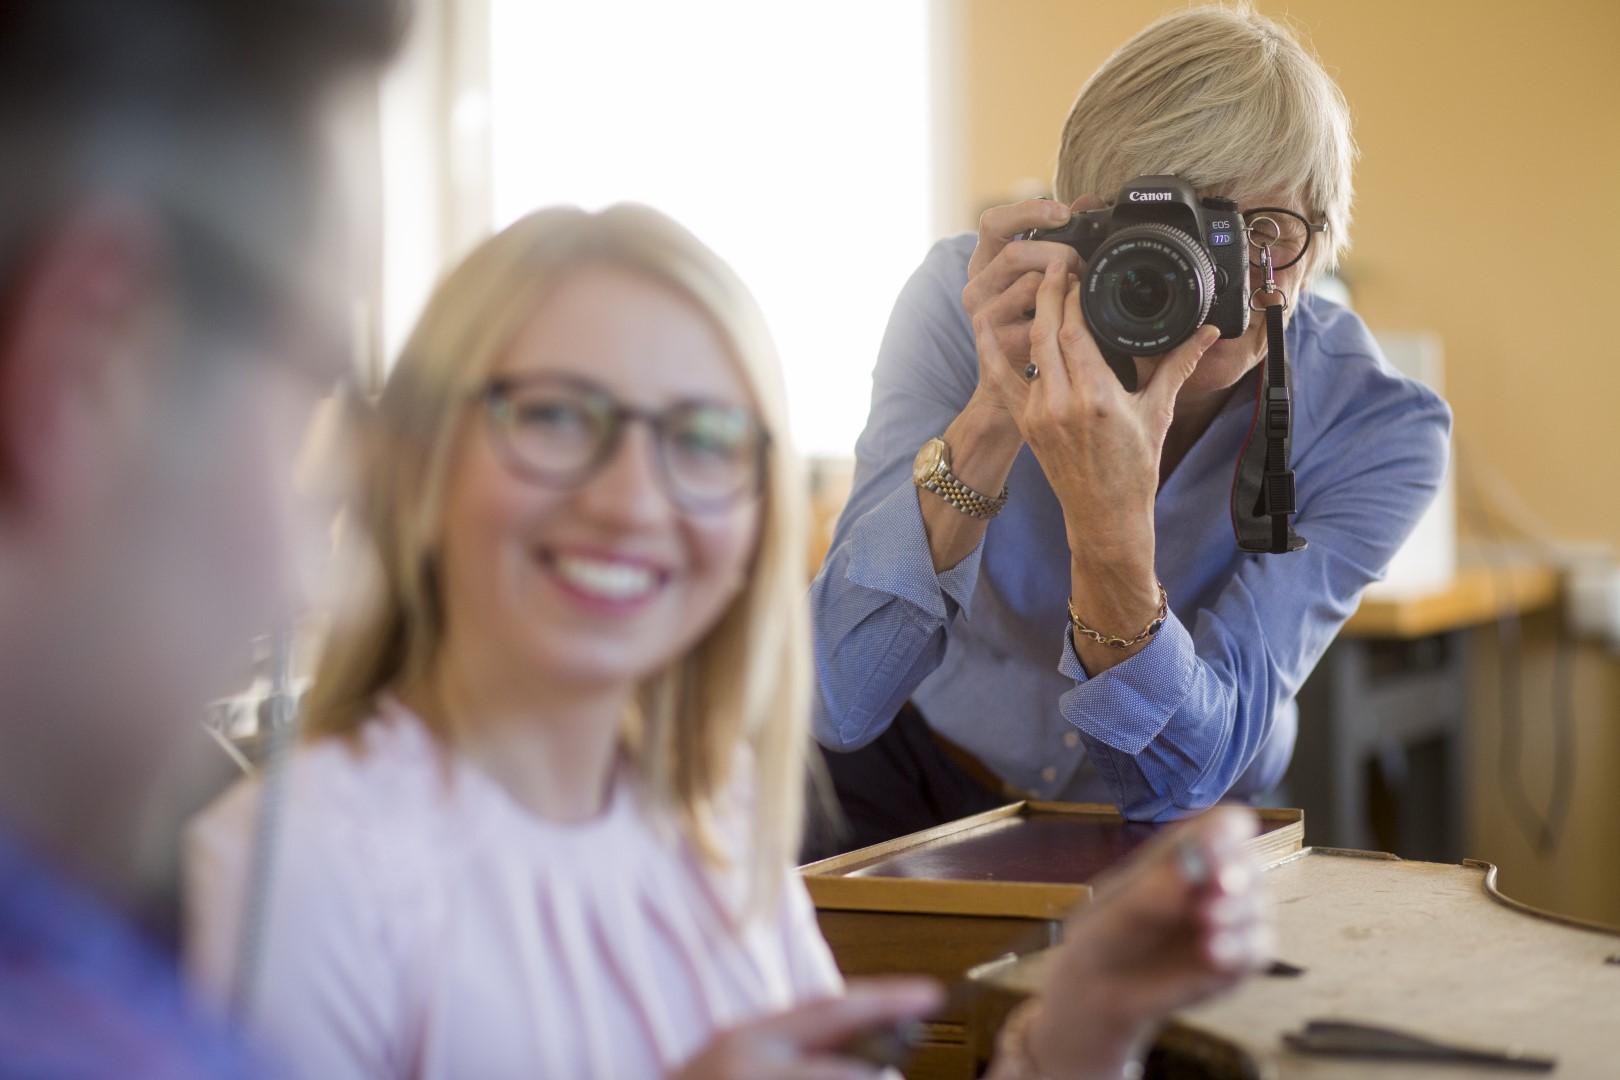 Wir fotografieren Sie bei der Entstehung Ihrer Ringe und halten den tag so für Sie fest.